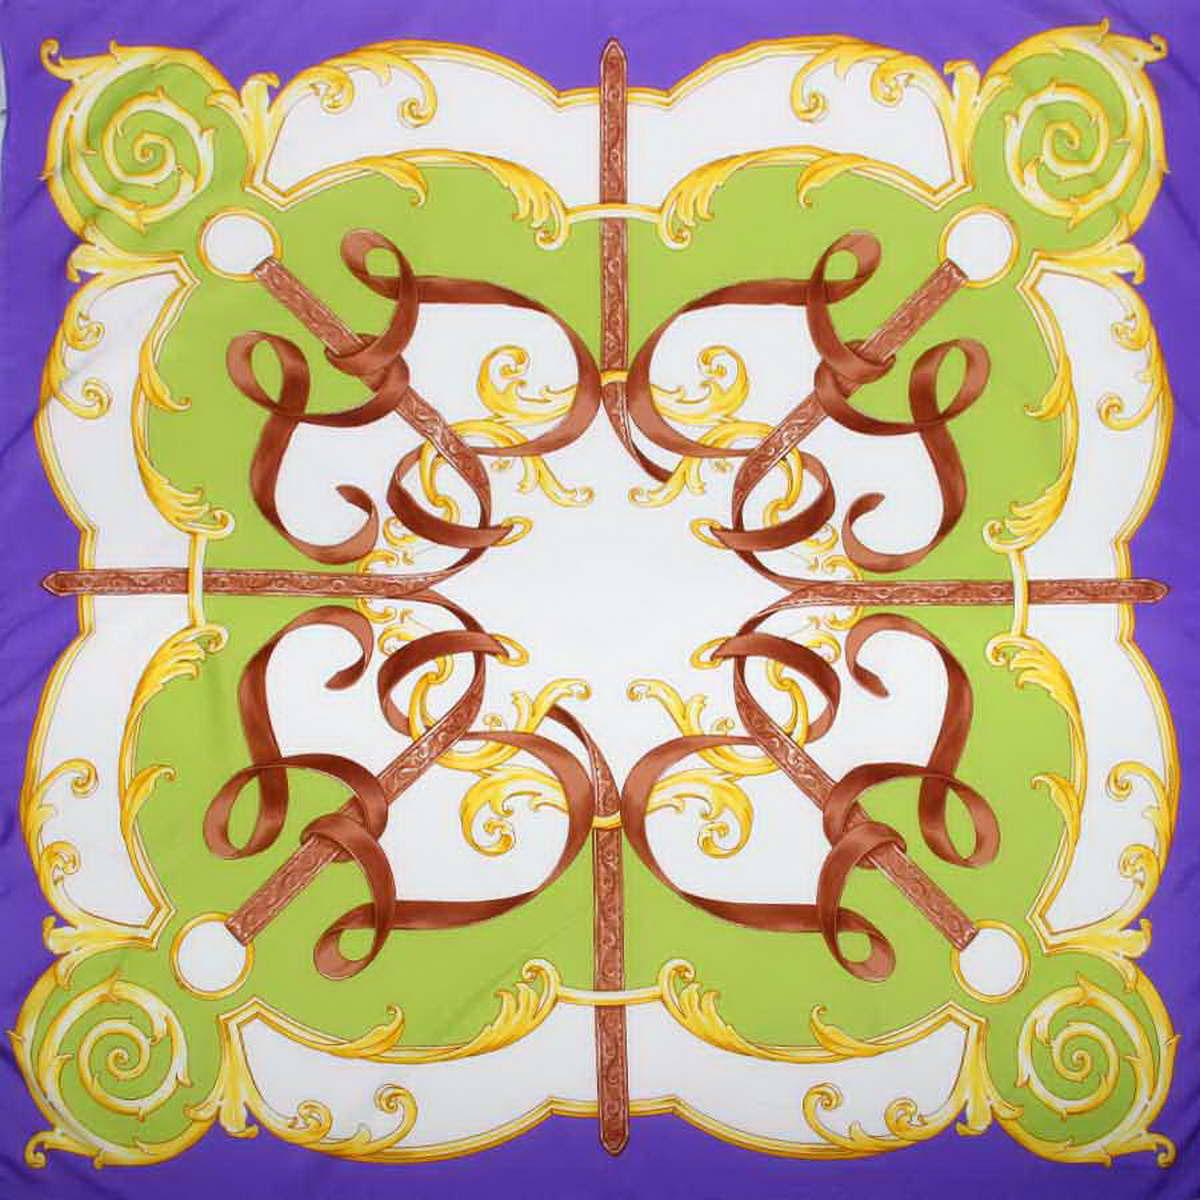 Платок3904972-31Женственный аксессуар, платок из полиэстера, нежный и легкий, приятный к коже и отлично драпируется, яркие оттенки очаровательных цветков внесут в Ваш образ очарование и шарм.